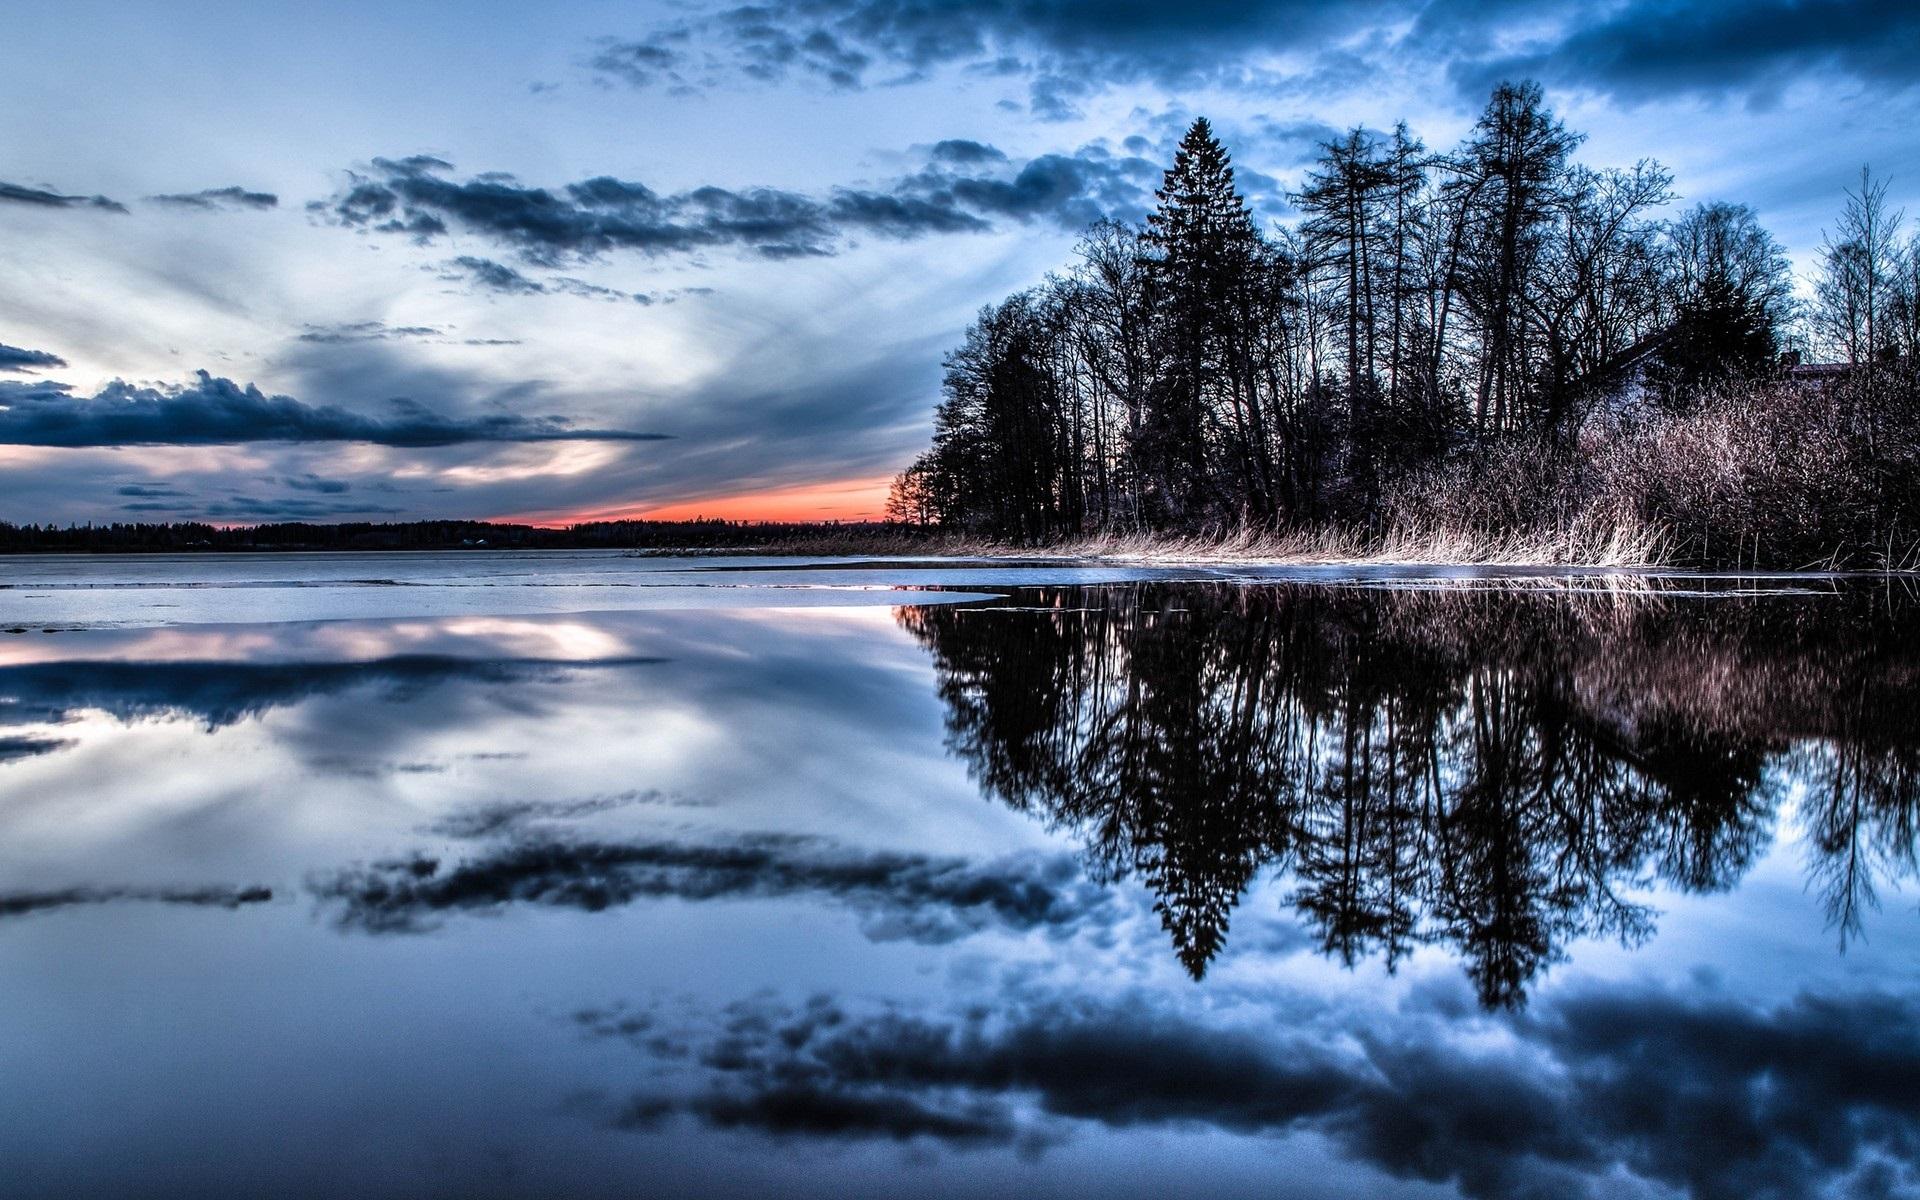 Отражение на воде картинка